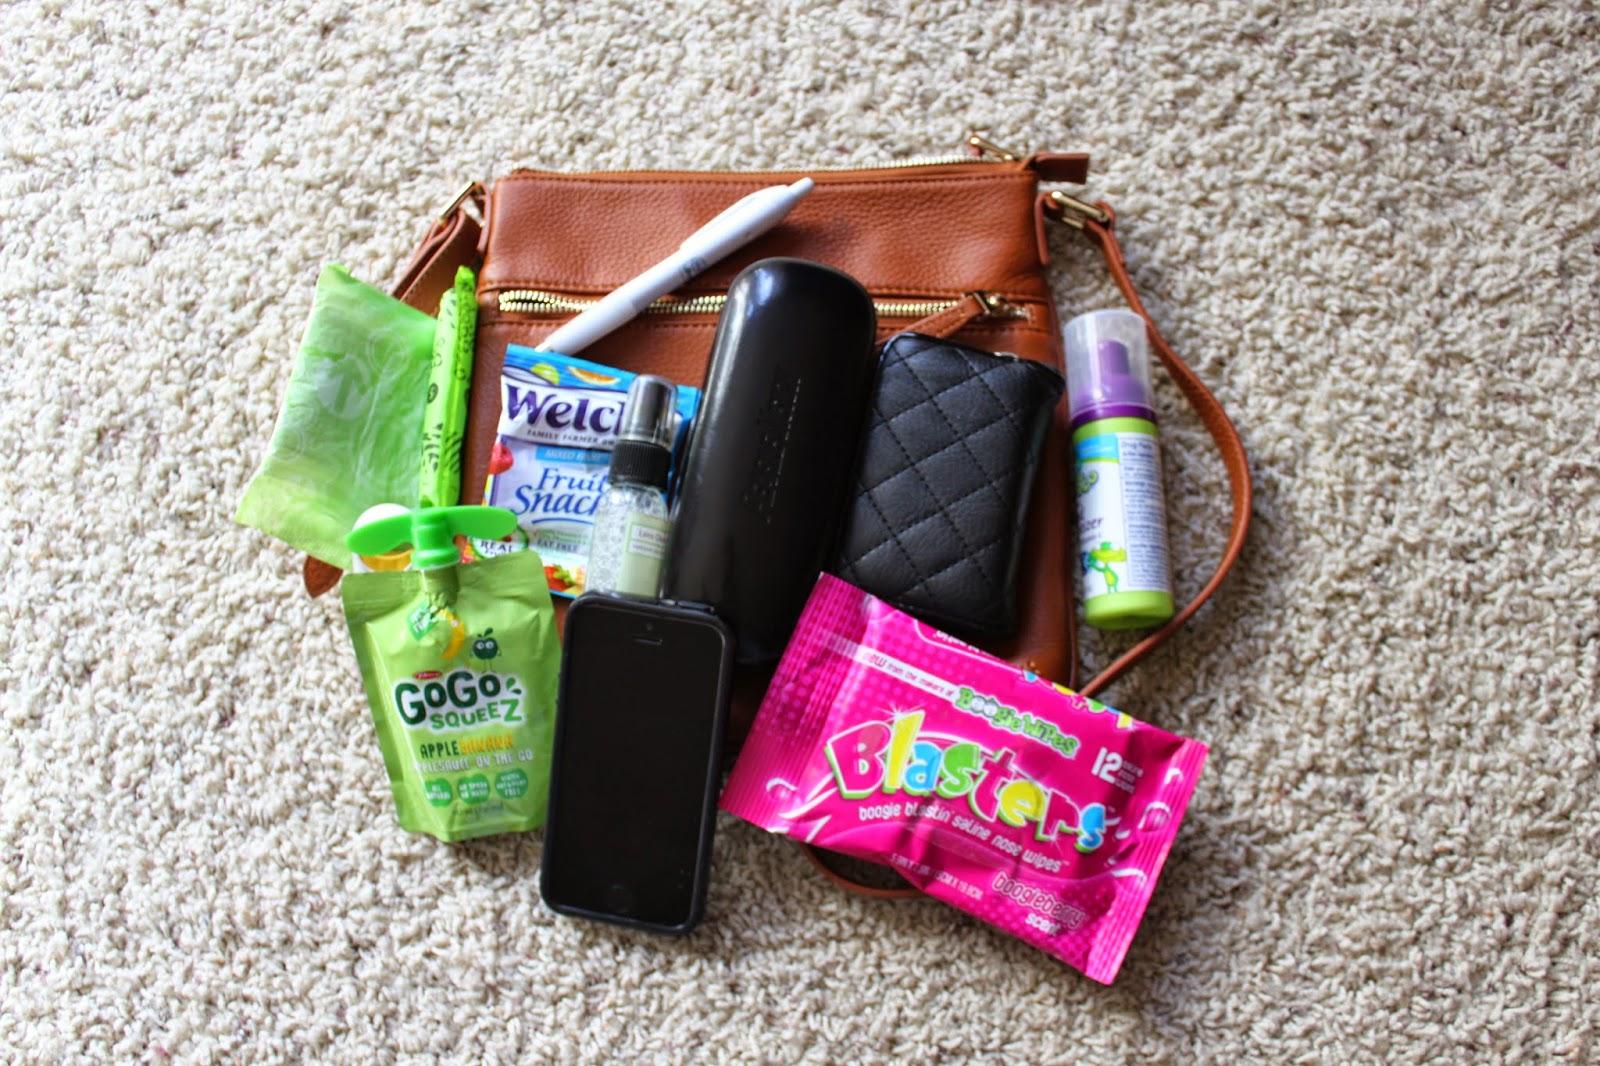 SUSU Saxon Crossbody Handbag mom/toddler contents #review